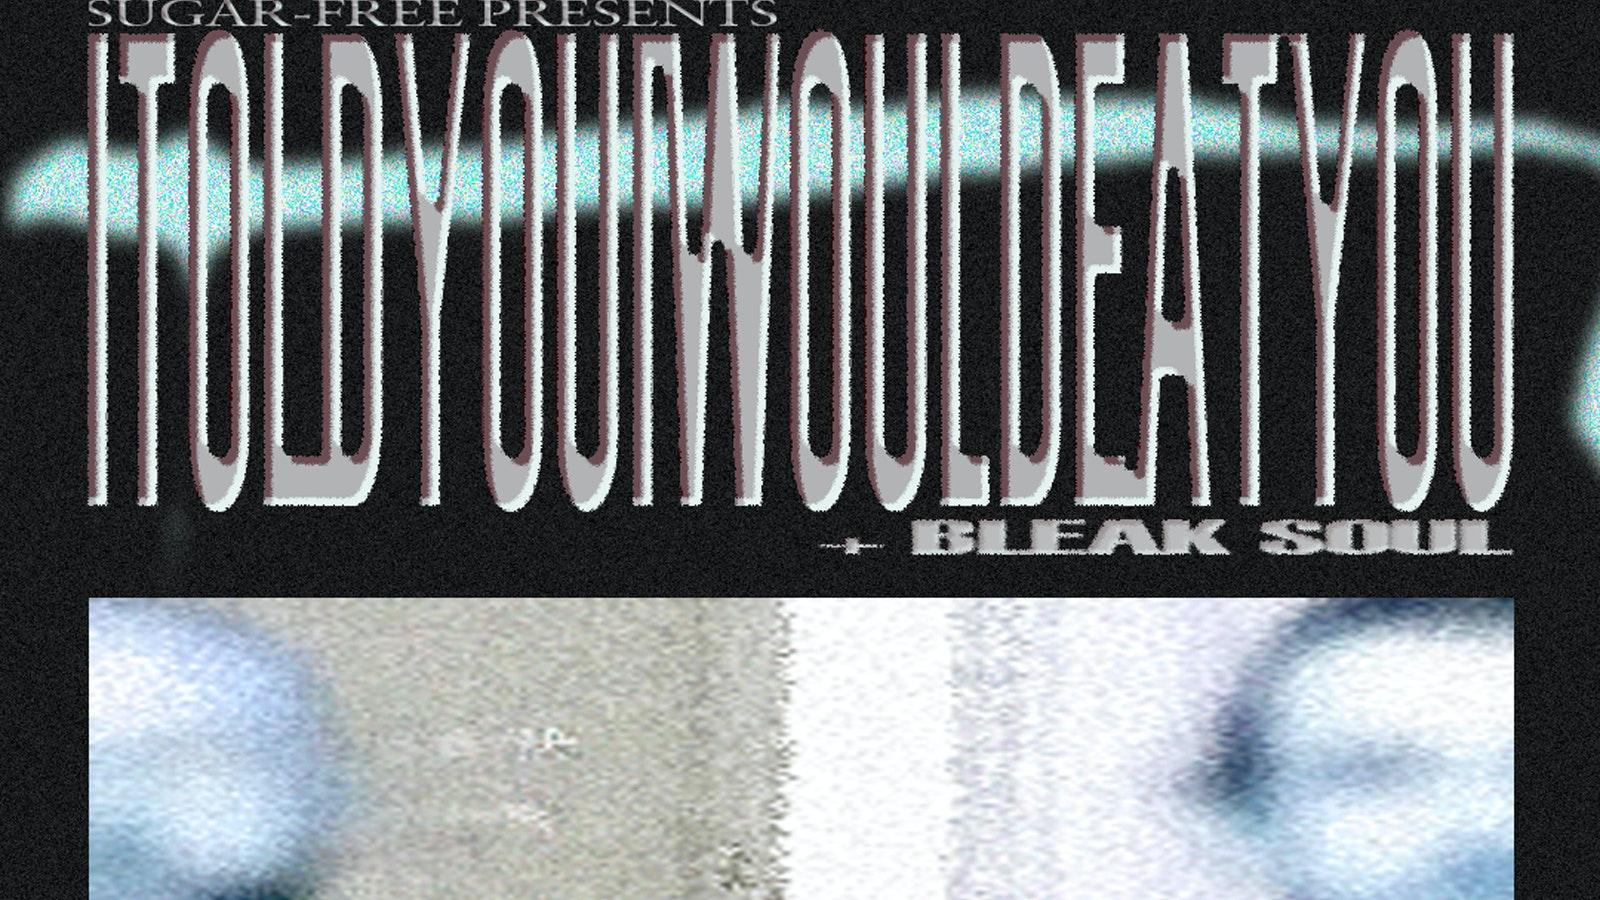 itoldyouiwouldeatyou + Bleak Soul